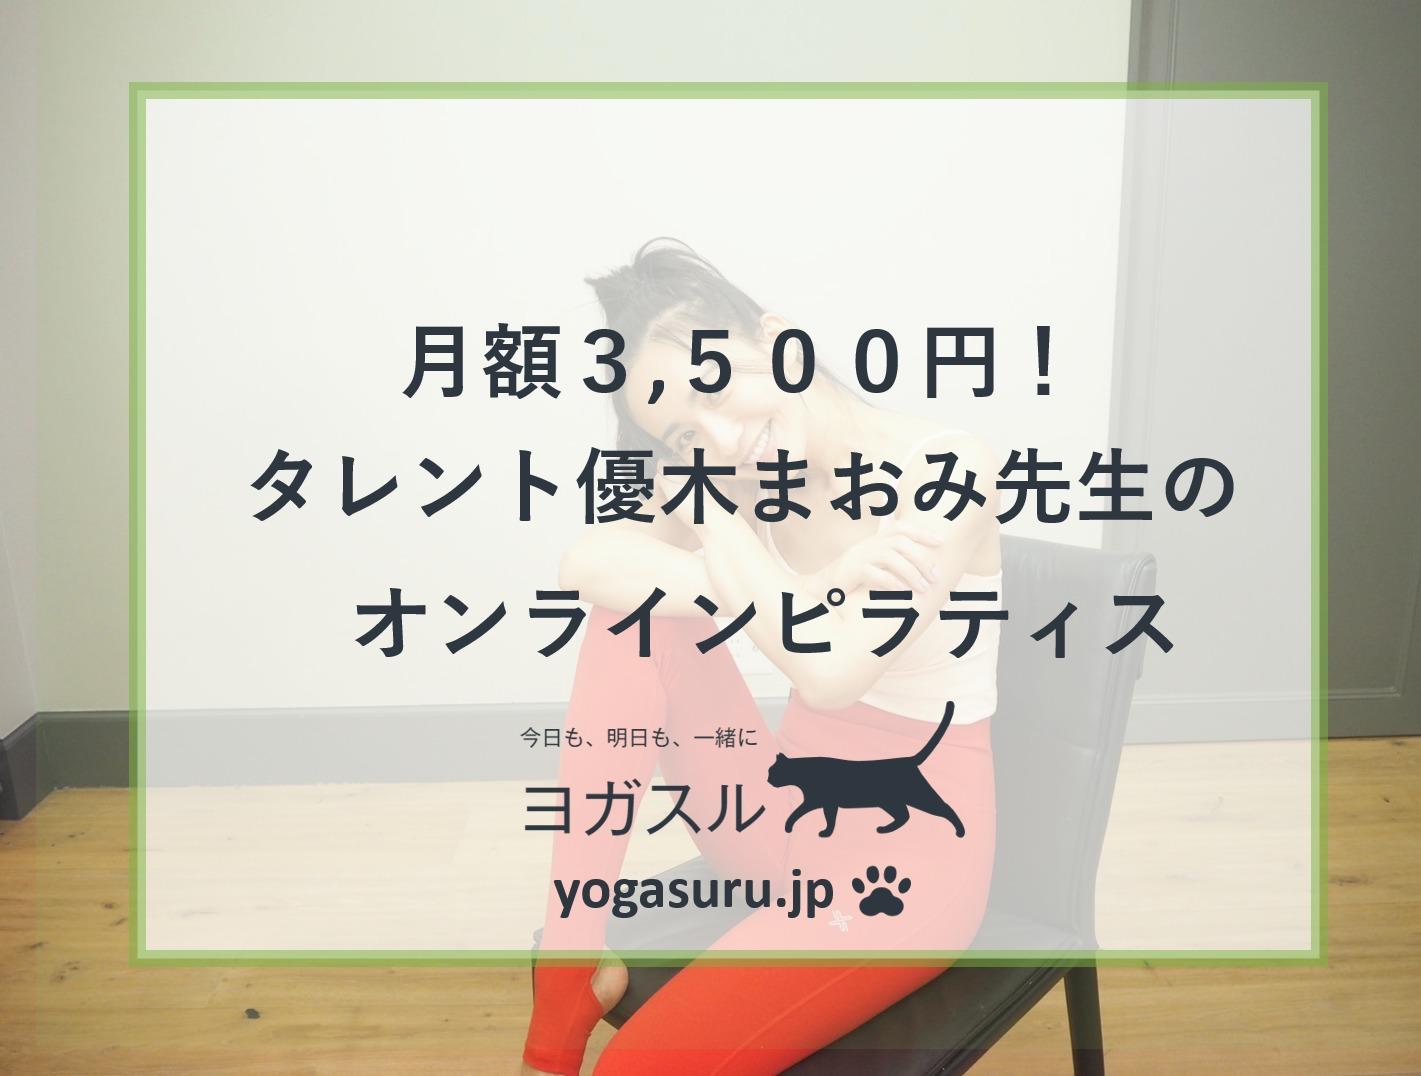 月額3,500円!タレント優木まおみ先生のオンラインピラティス体験談